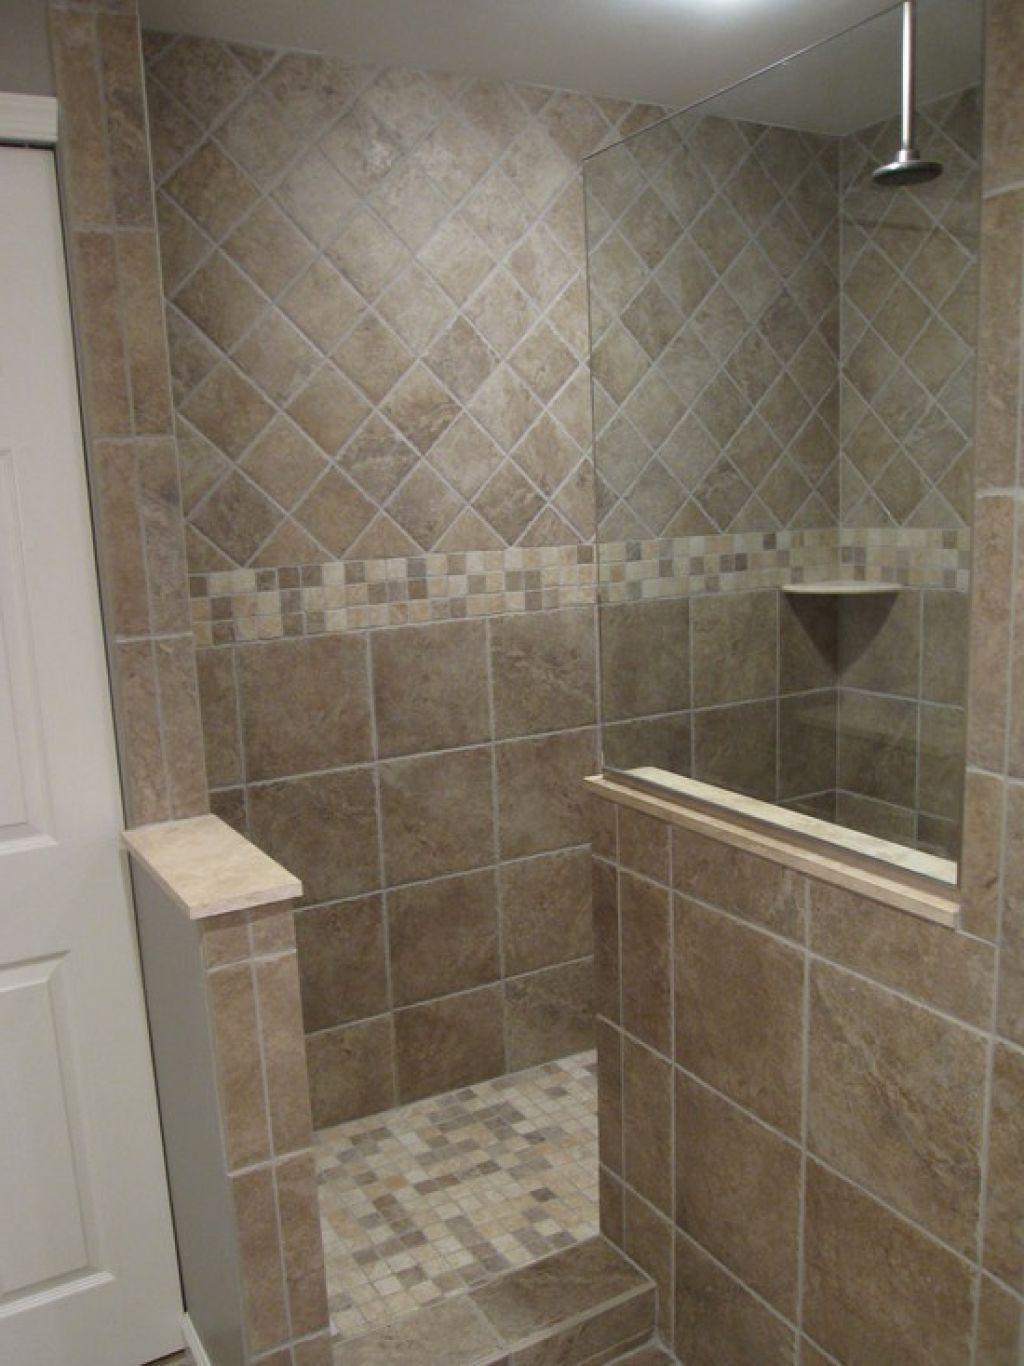 Bathroom The Required Size Of Doorless Walk In Shower Doorless Shower Design Doorless Shower Design Bathroom Layout Bathroom Design Plans